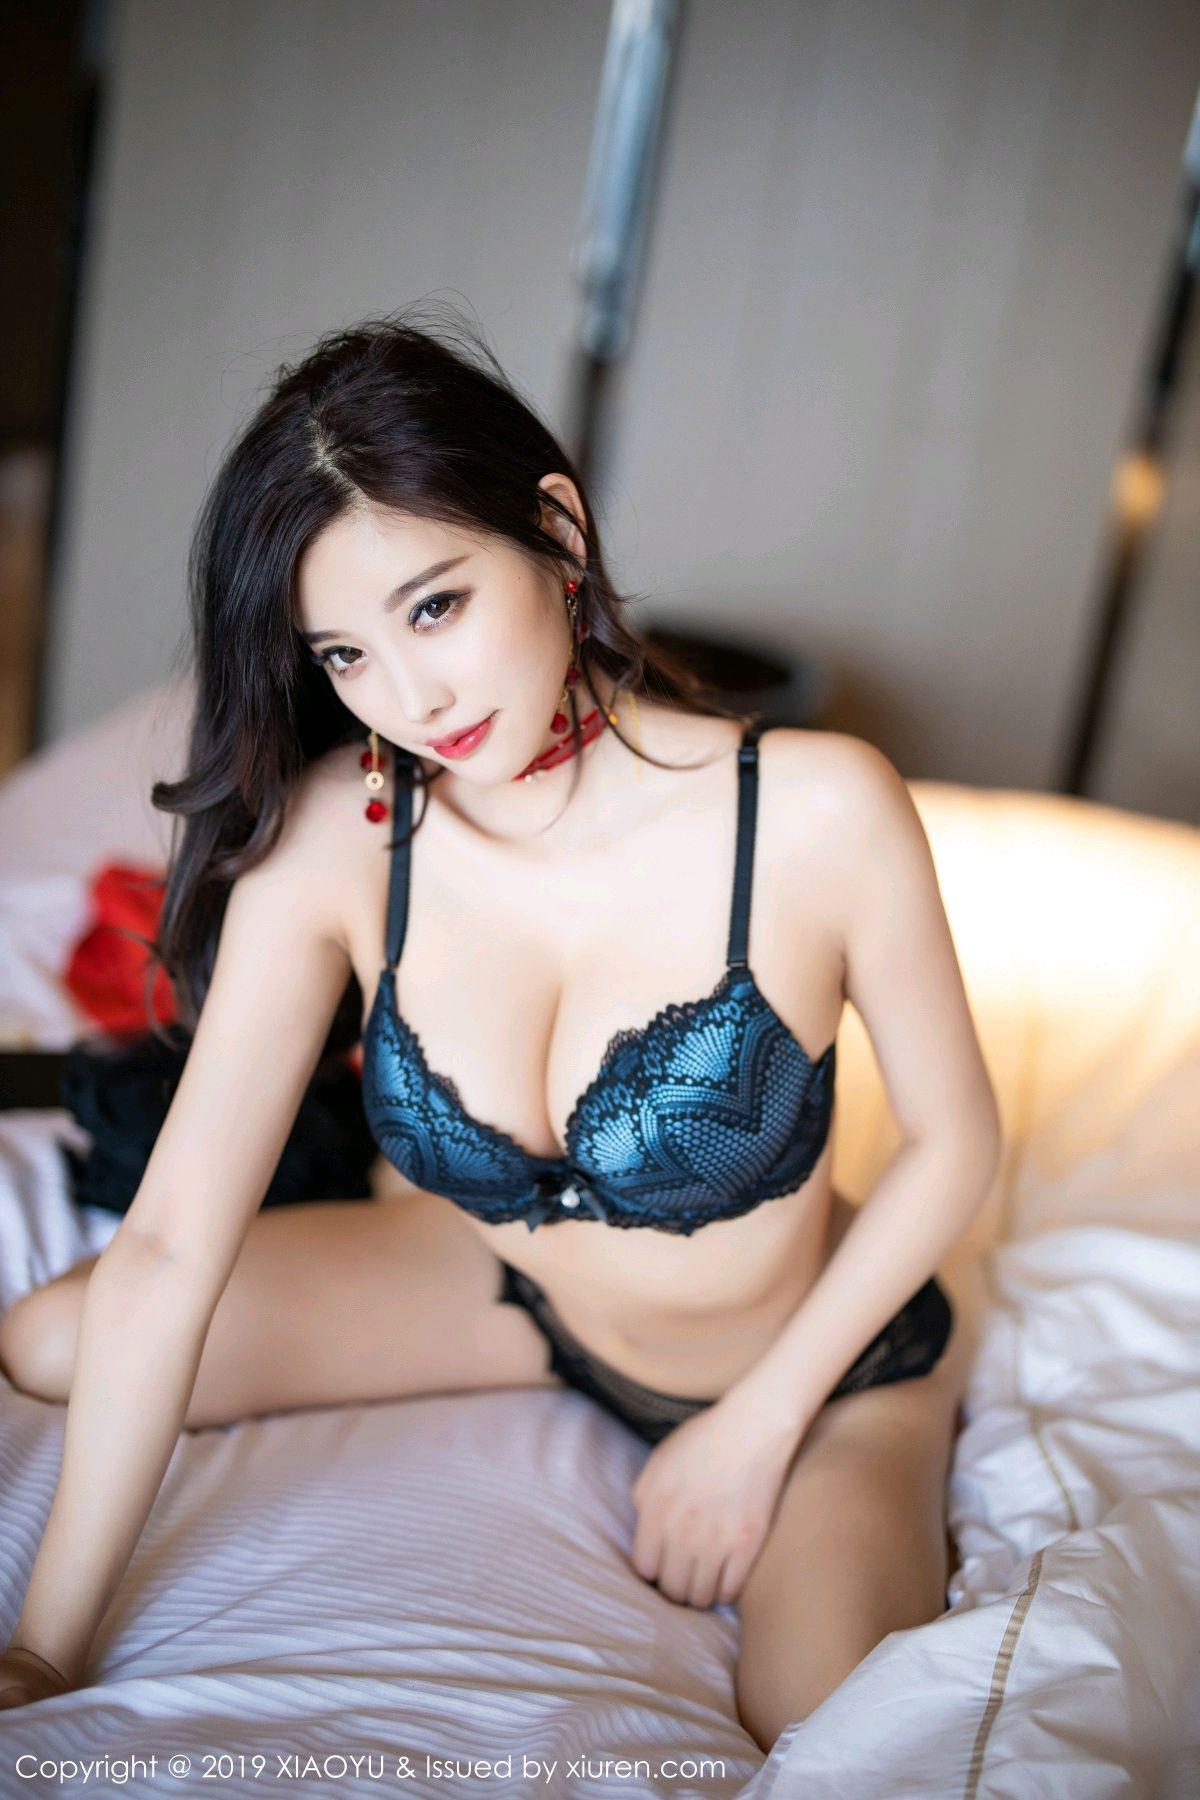 [XiaoYu] Vol.225 Yang Chen Chen 102P, Christmas, Underwear, XiaoYu, Yang Chen Chen